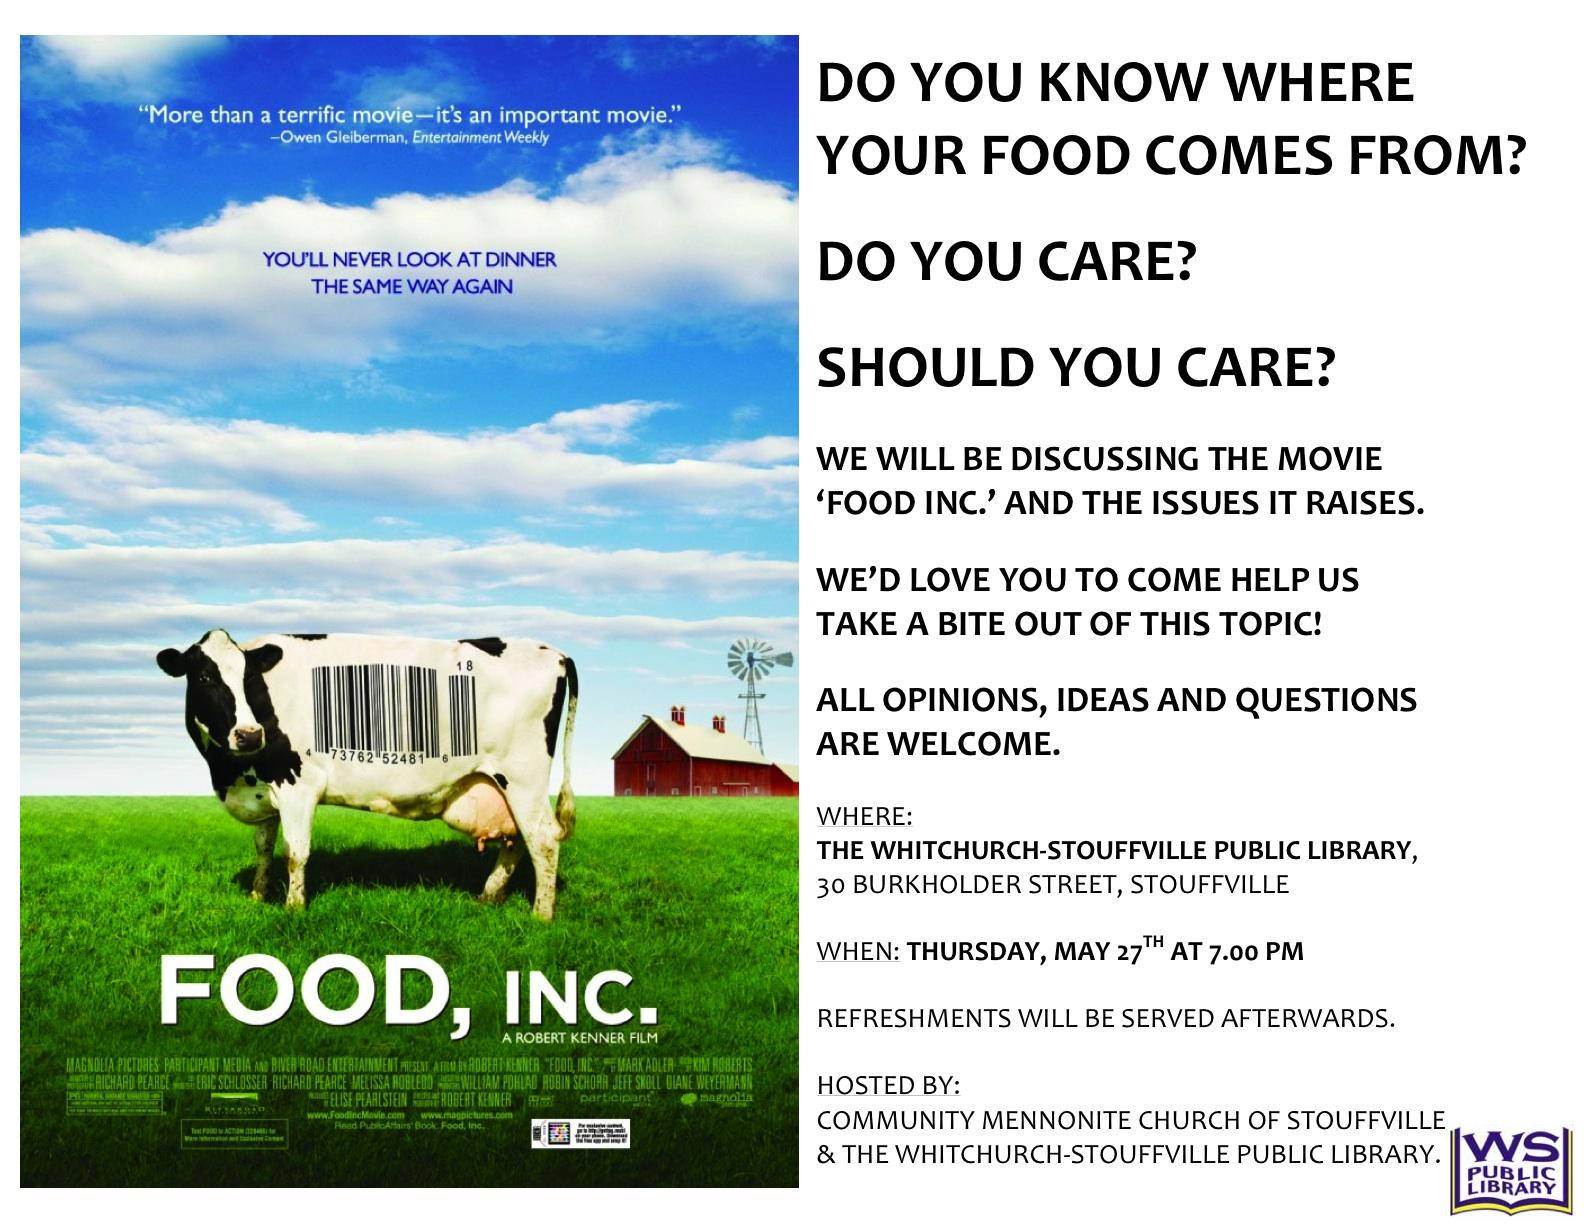 006 Food20inc 20poster20iii Food Inc Essay Top Questions Topics Pdf Full